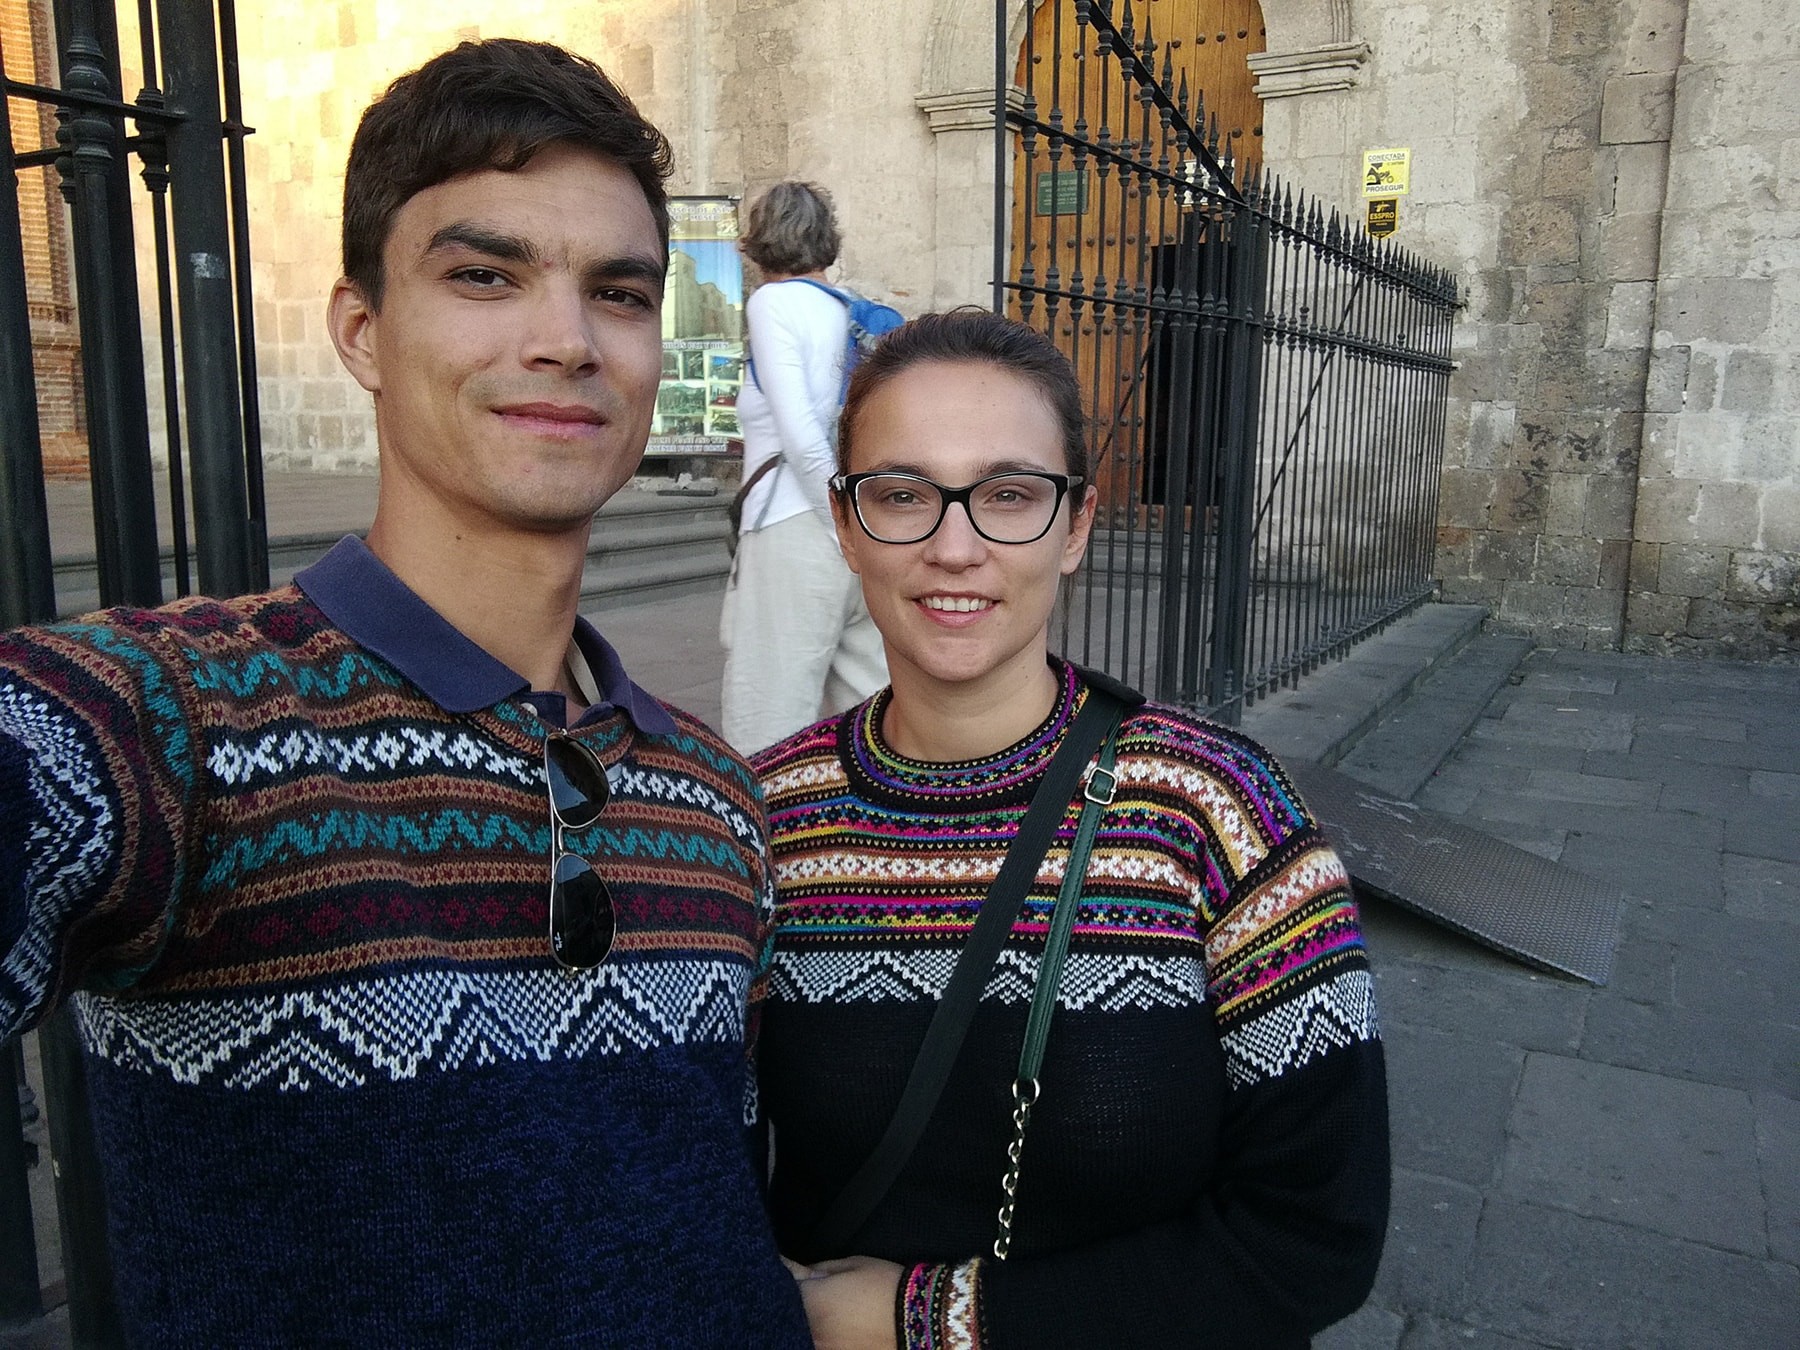 Peruvian alpaca sweaters